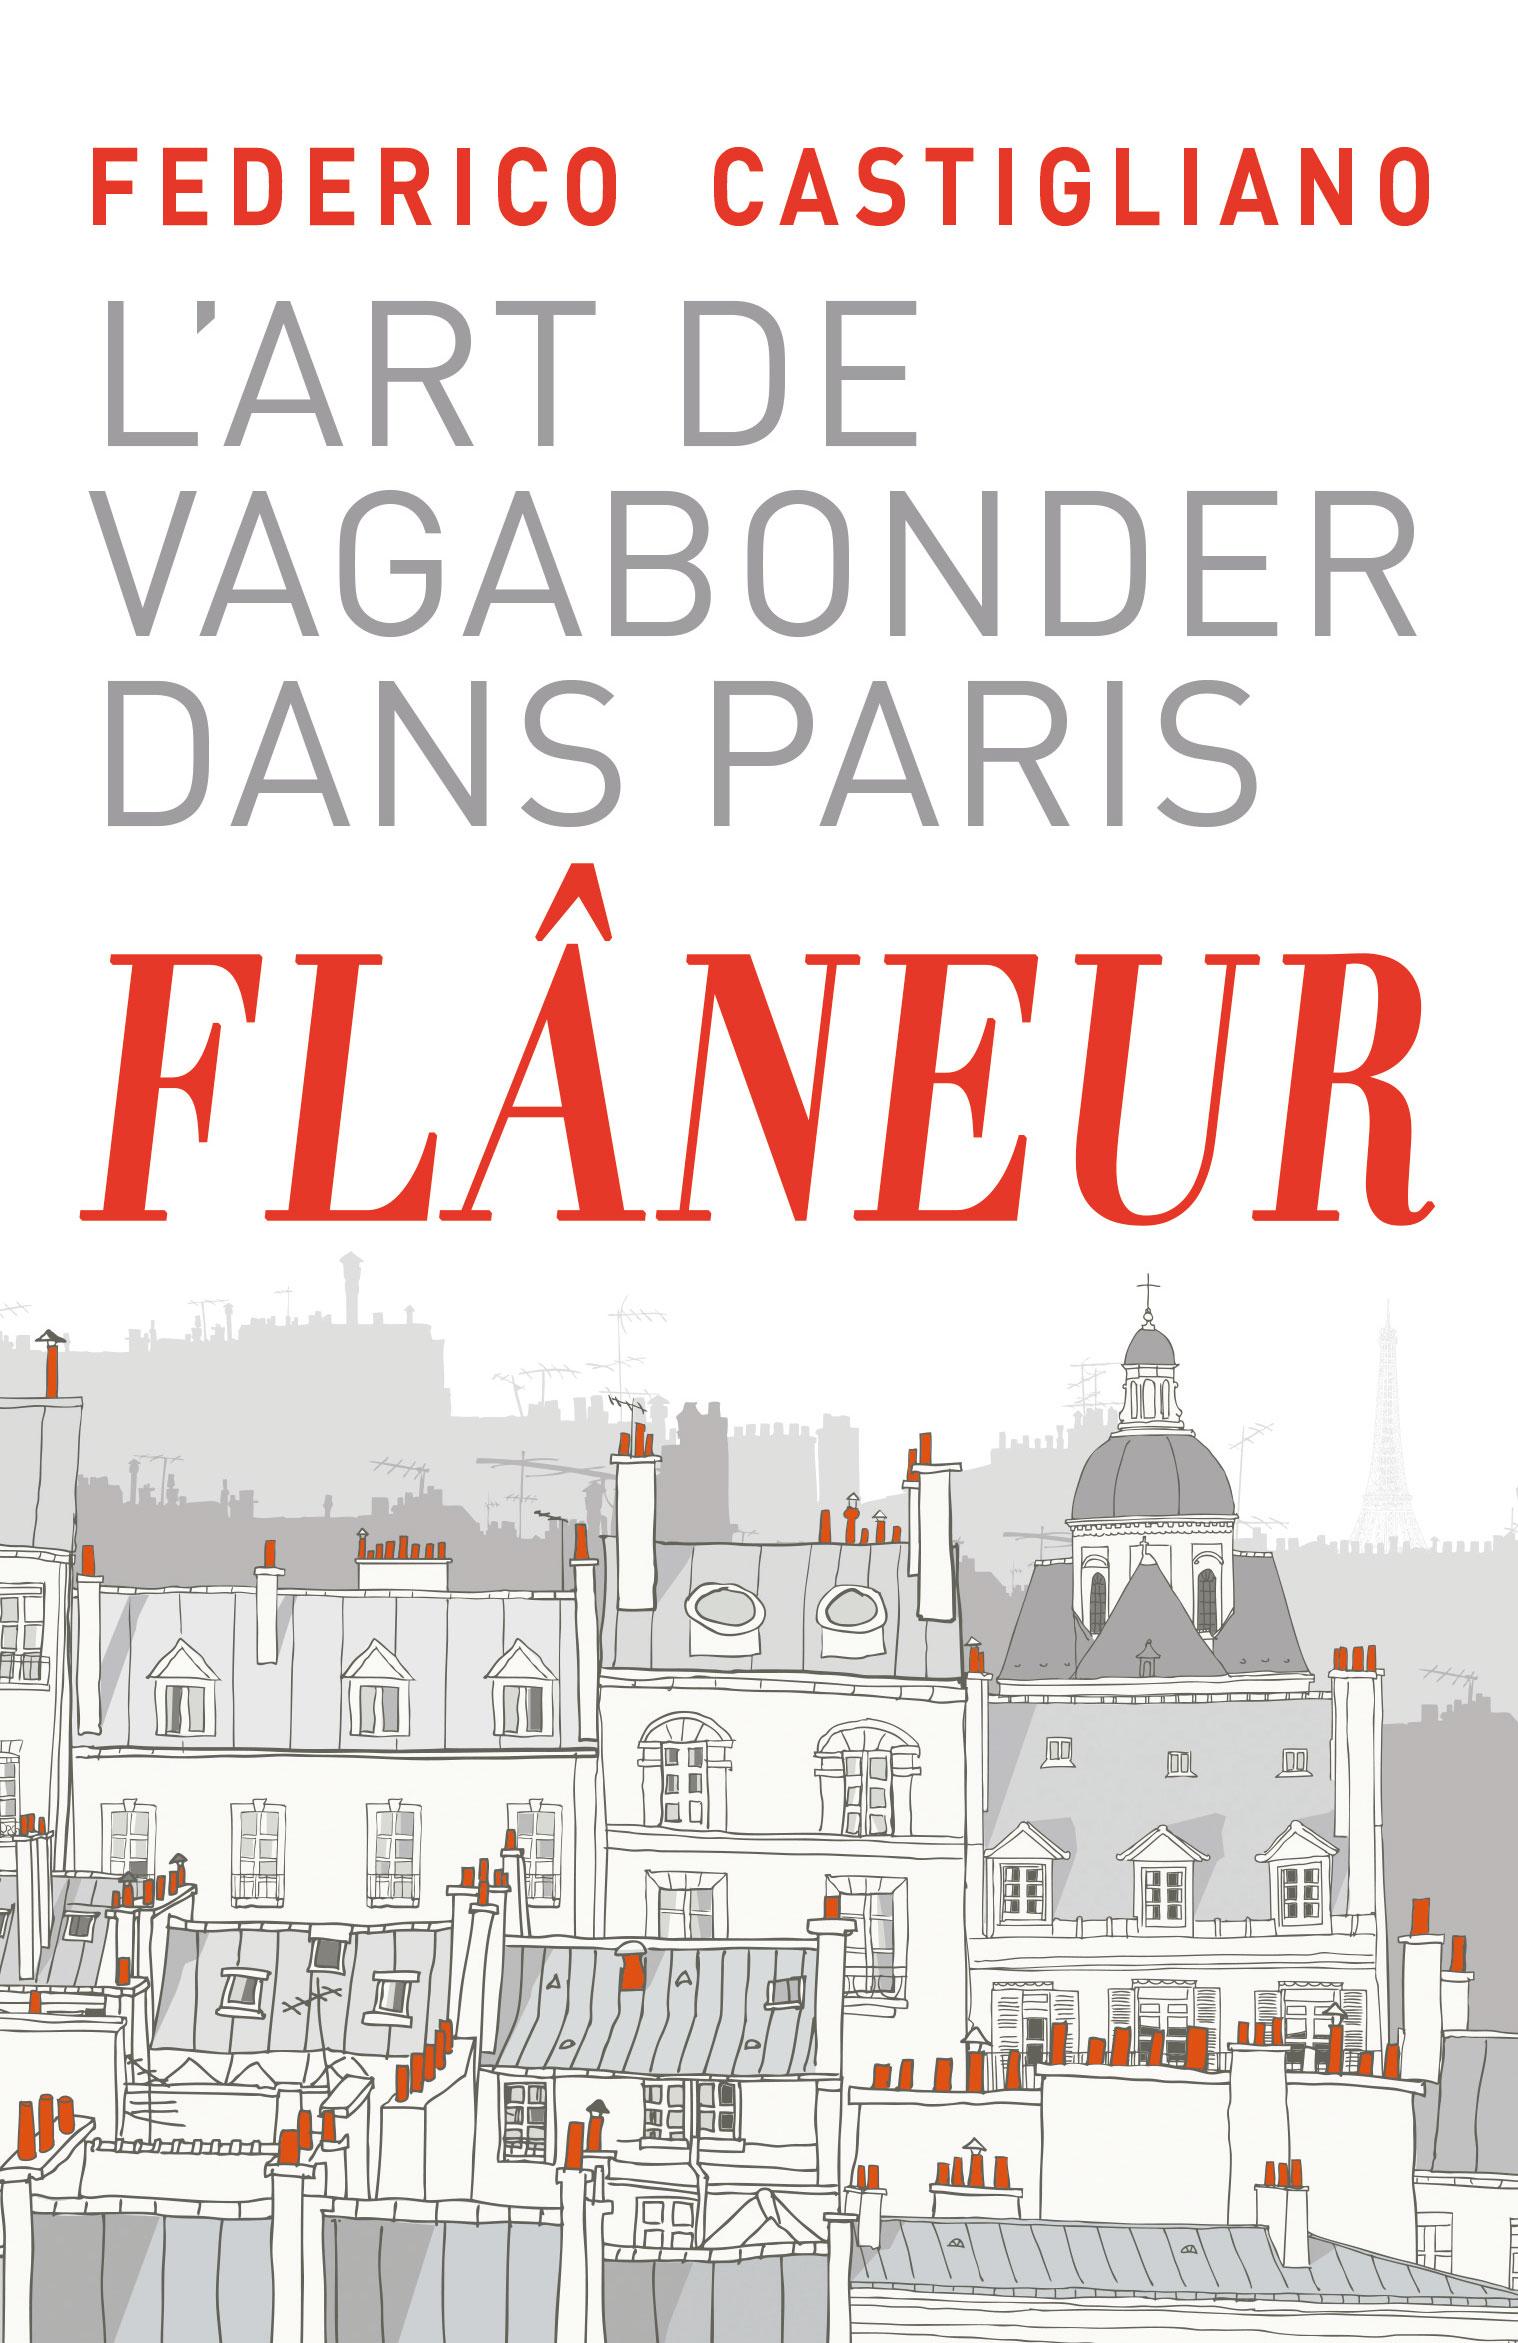 La Bible des flâneurs, une lecture fondamentale pour les amants de Paris et des voyages -